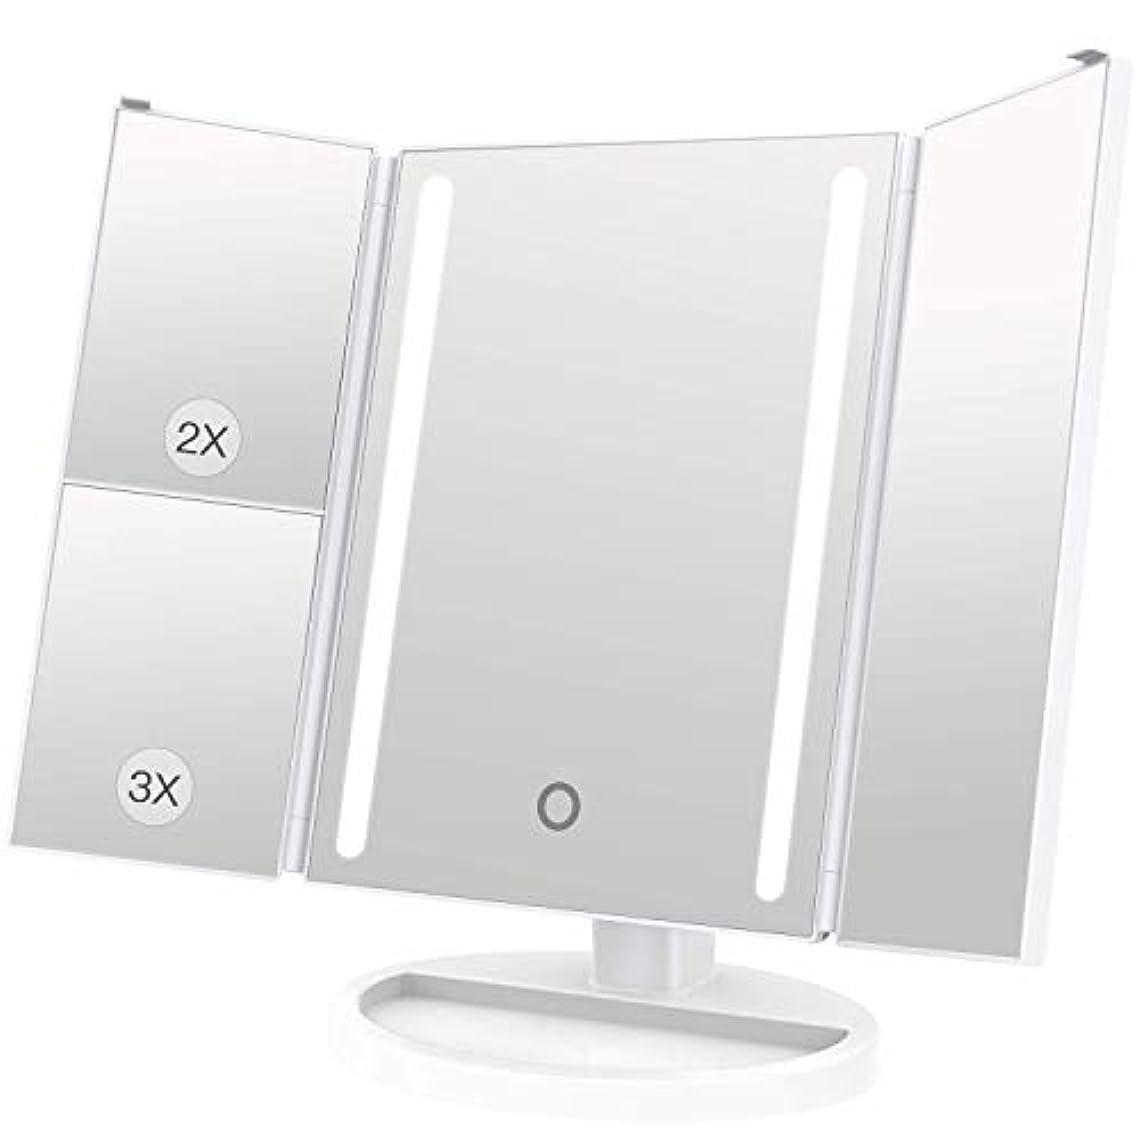 神経衰弱料理ノーブルLEEPWEI 化粧鏡 LED 三面鏡 2&3倍拡大鏡付き 明るさ調節可能 180度回転 USB/単三電池給電 (ホワイト)